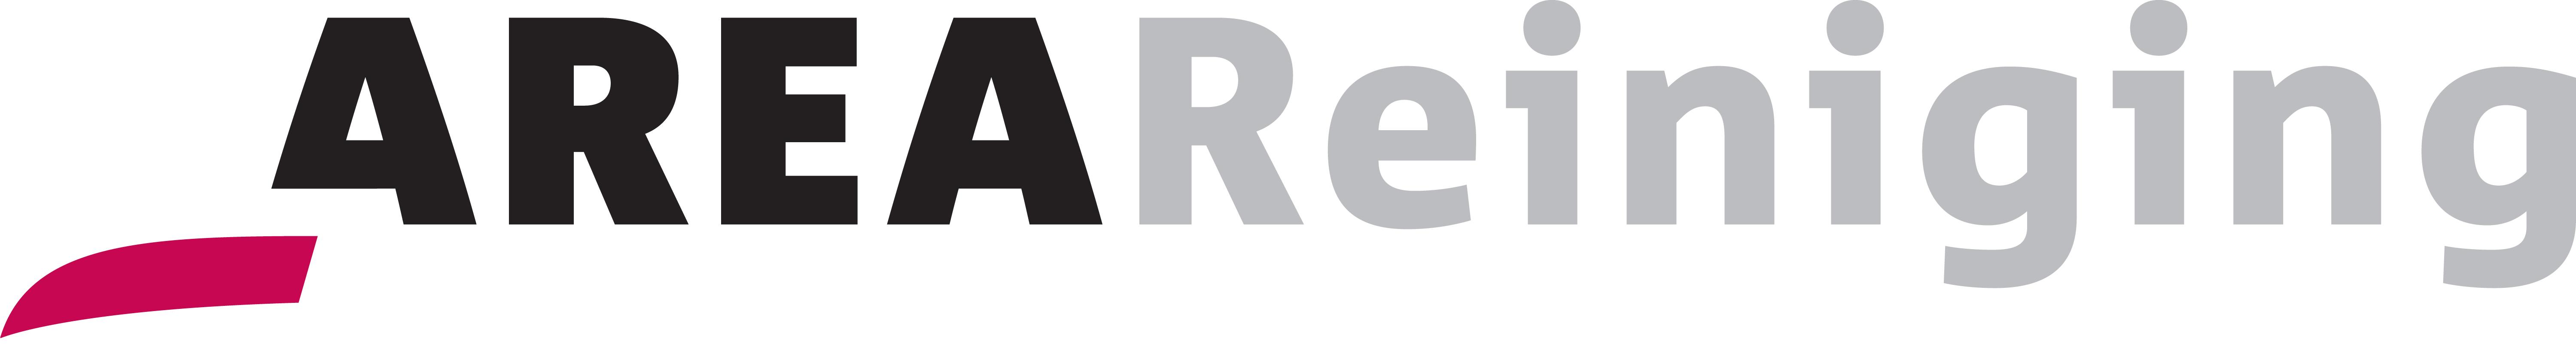 Area Reiniging